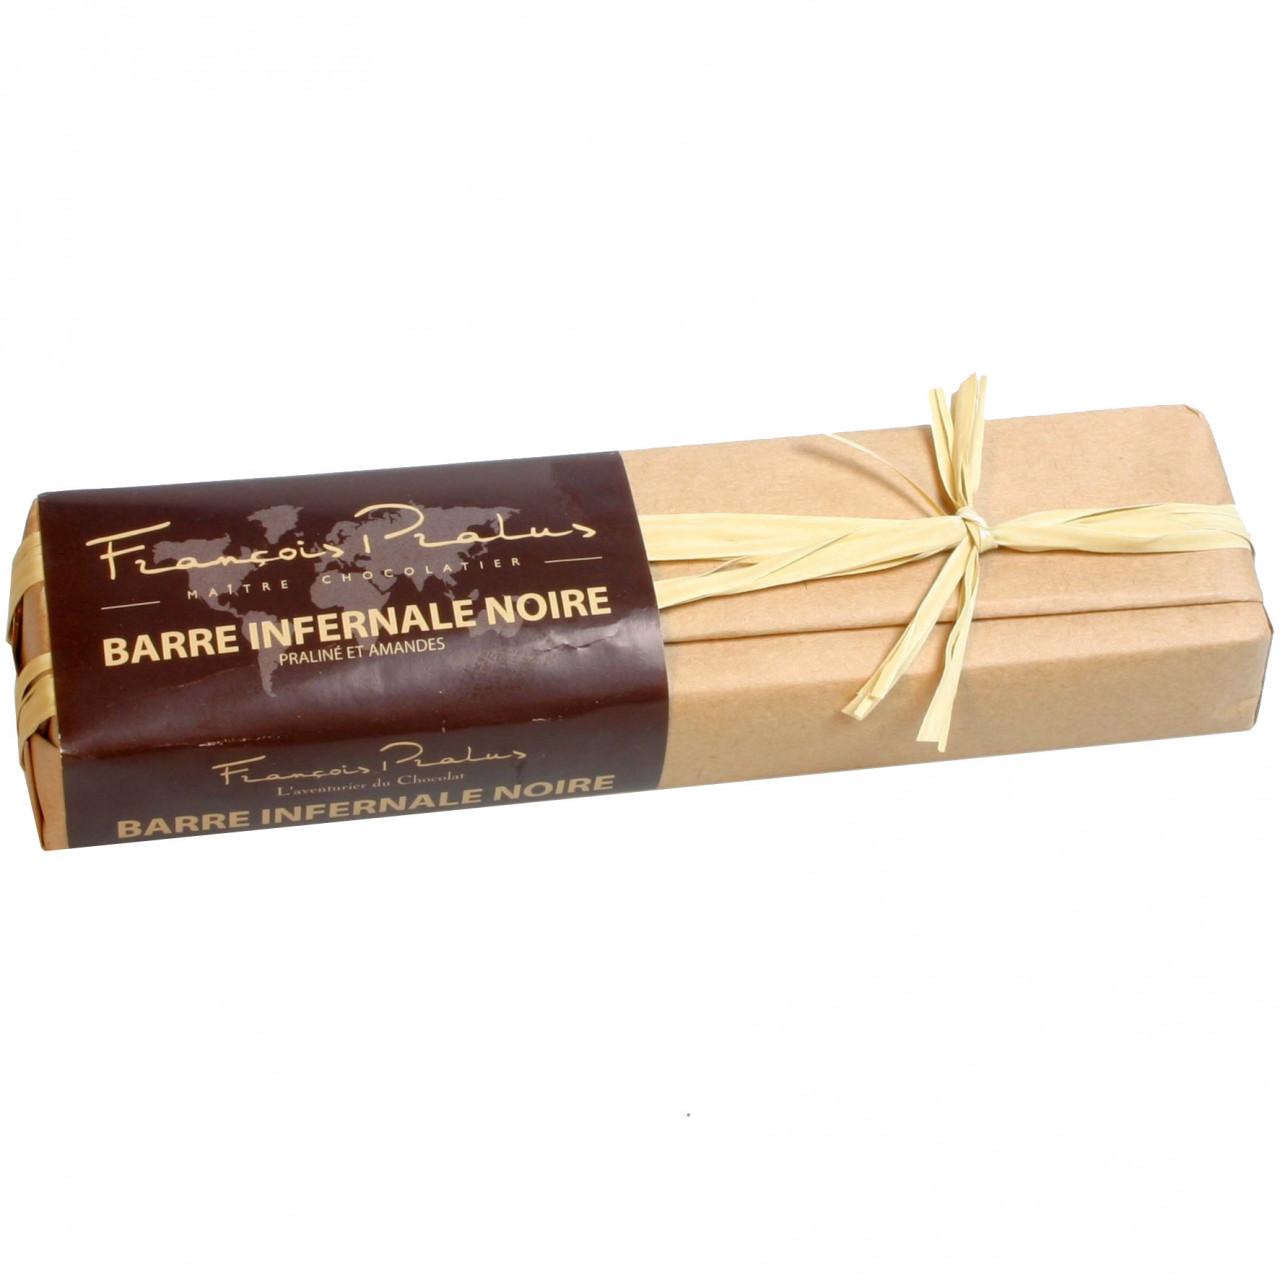 Sao Tomé, gefüllte dunkle Schokolade, dark chocolate, chocolat noir, almonds, amandes, filled chocolate,